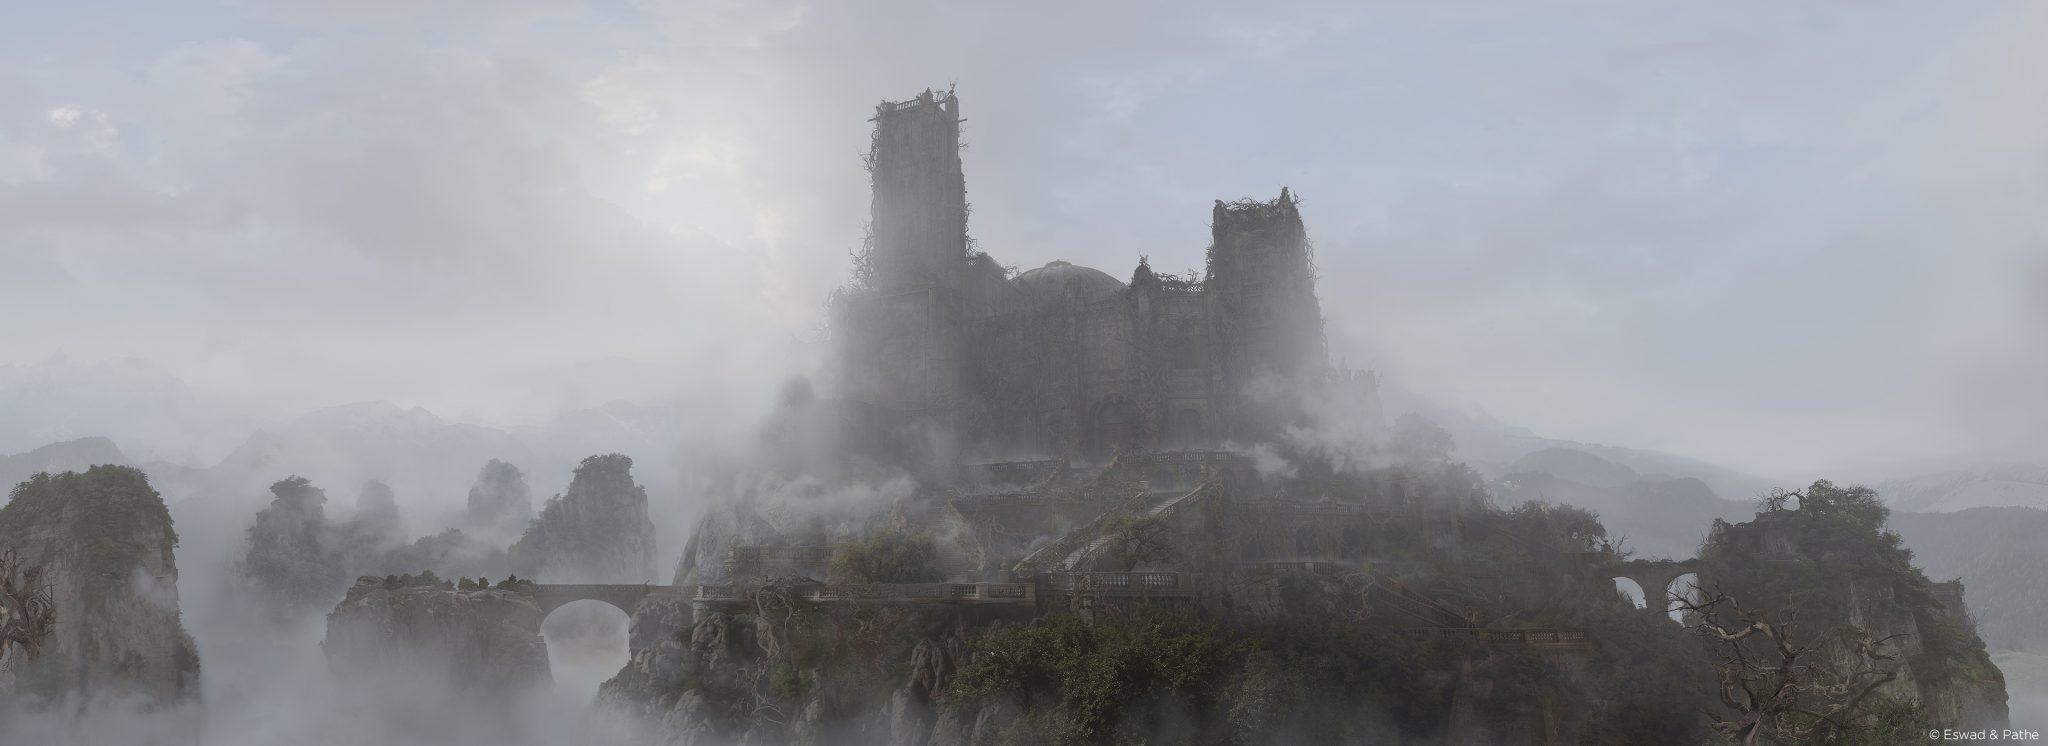 belle-et-la-bete-castle